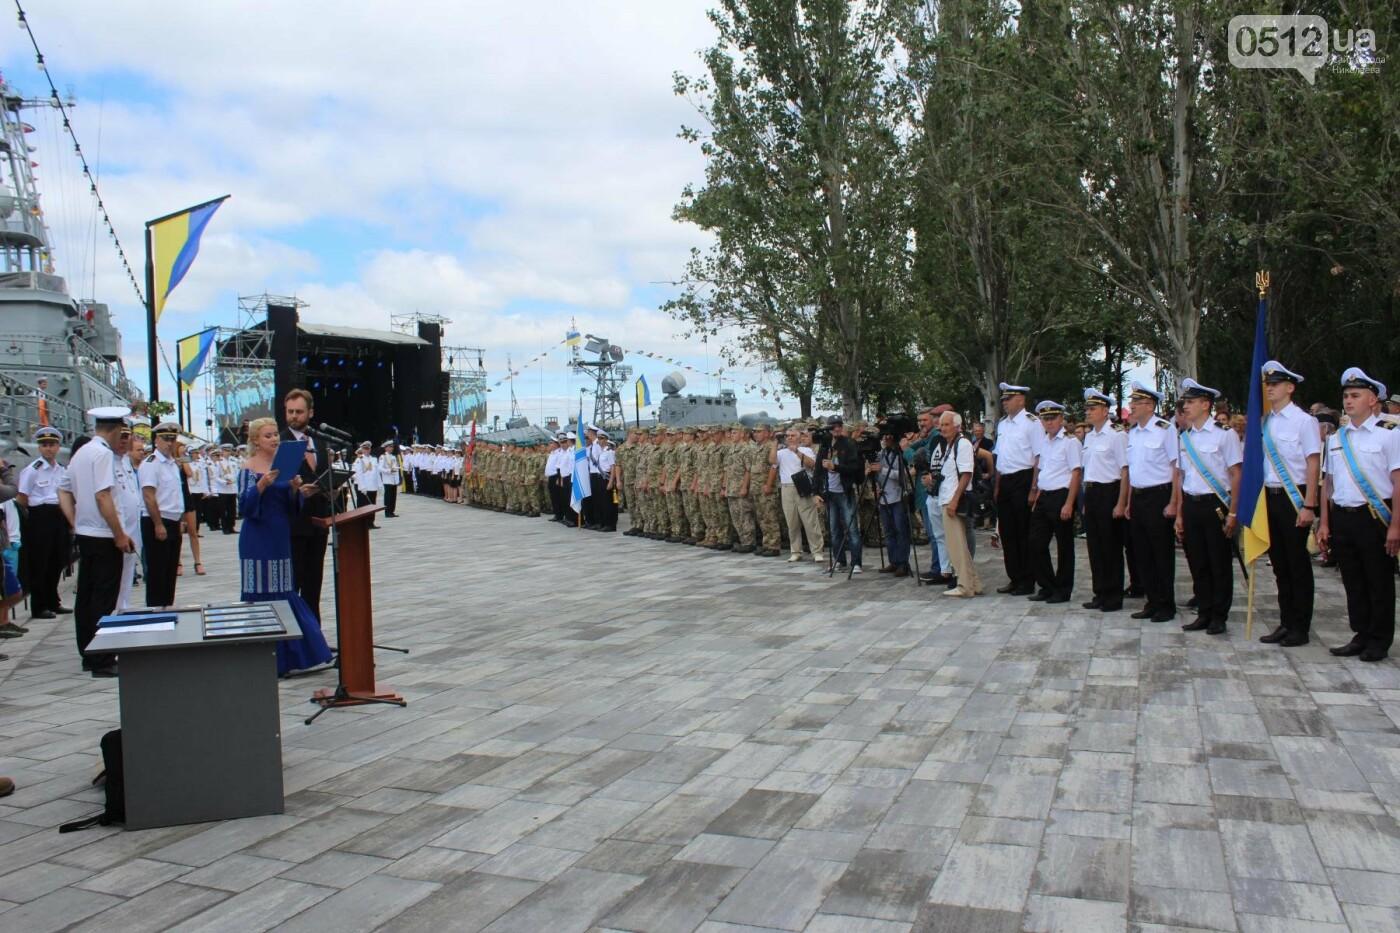 Полевая кухня, марш военных и выставка техники: как в Николаеве отмечали День ВМС Украины, фото-24